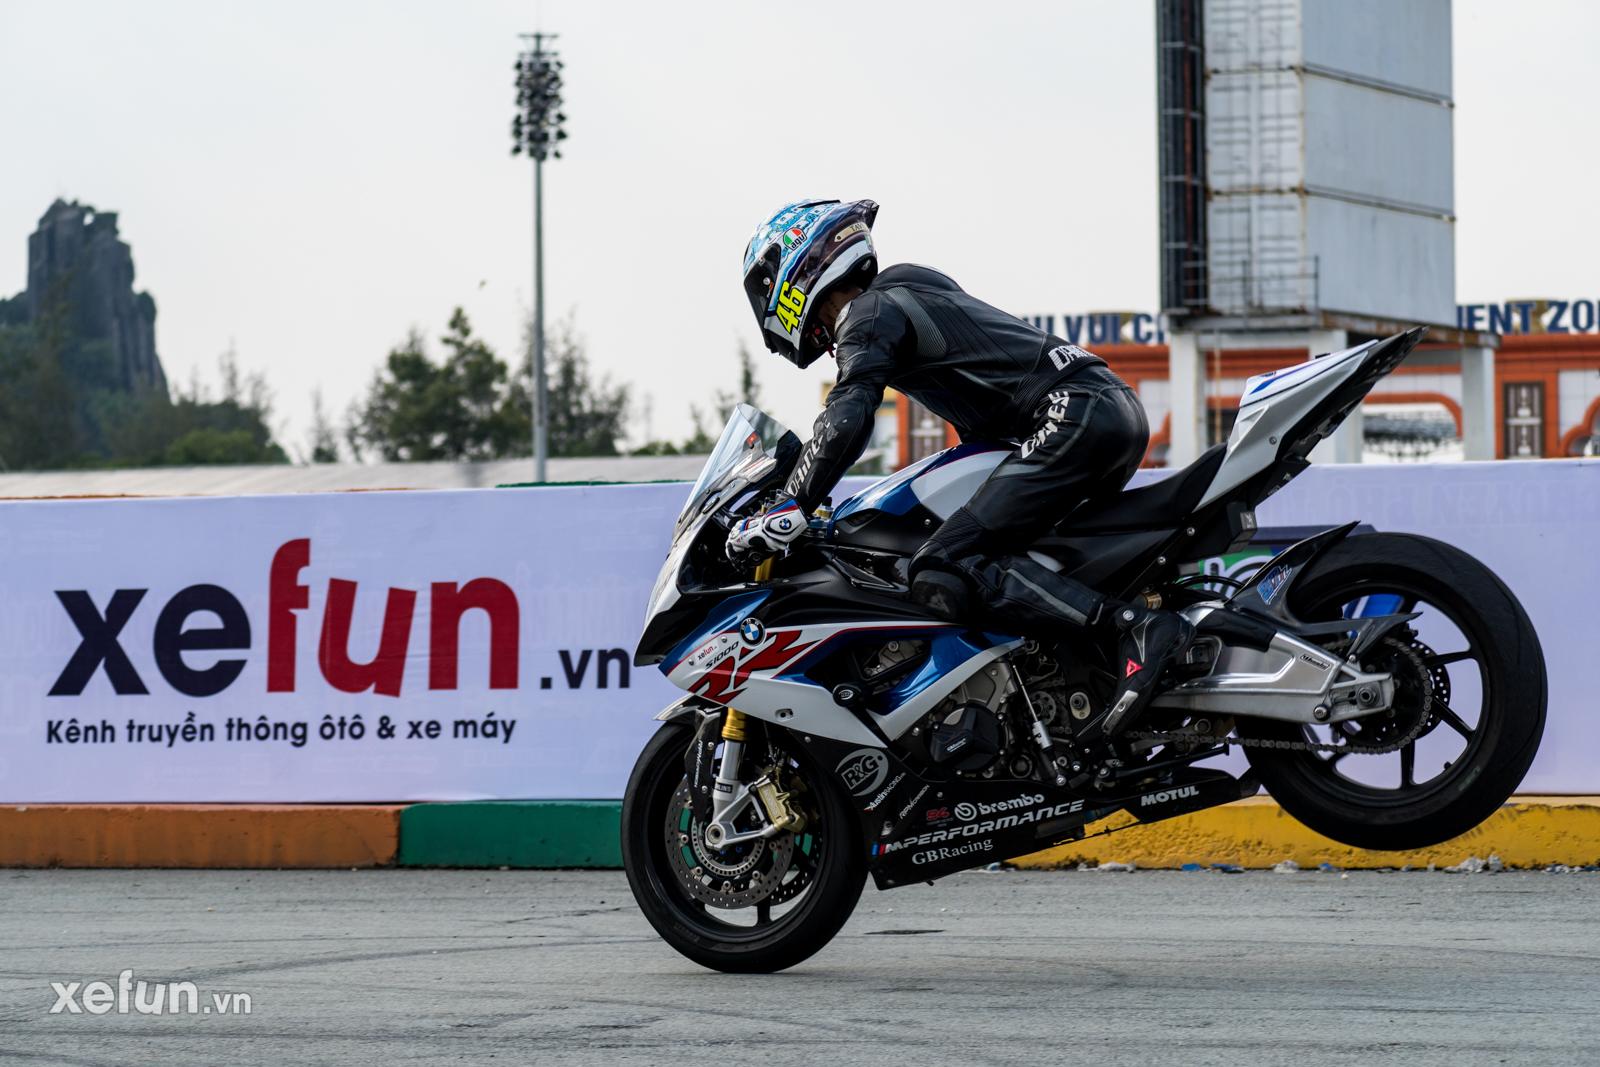 Các tay đua nài xe phân khối lớn PKL BMW S1000RR Ducati Monster Kawasaki Ninja ZX10R tại Trường đua Đại Nam trên Xefun (101)23354